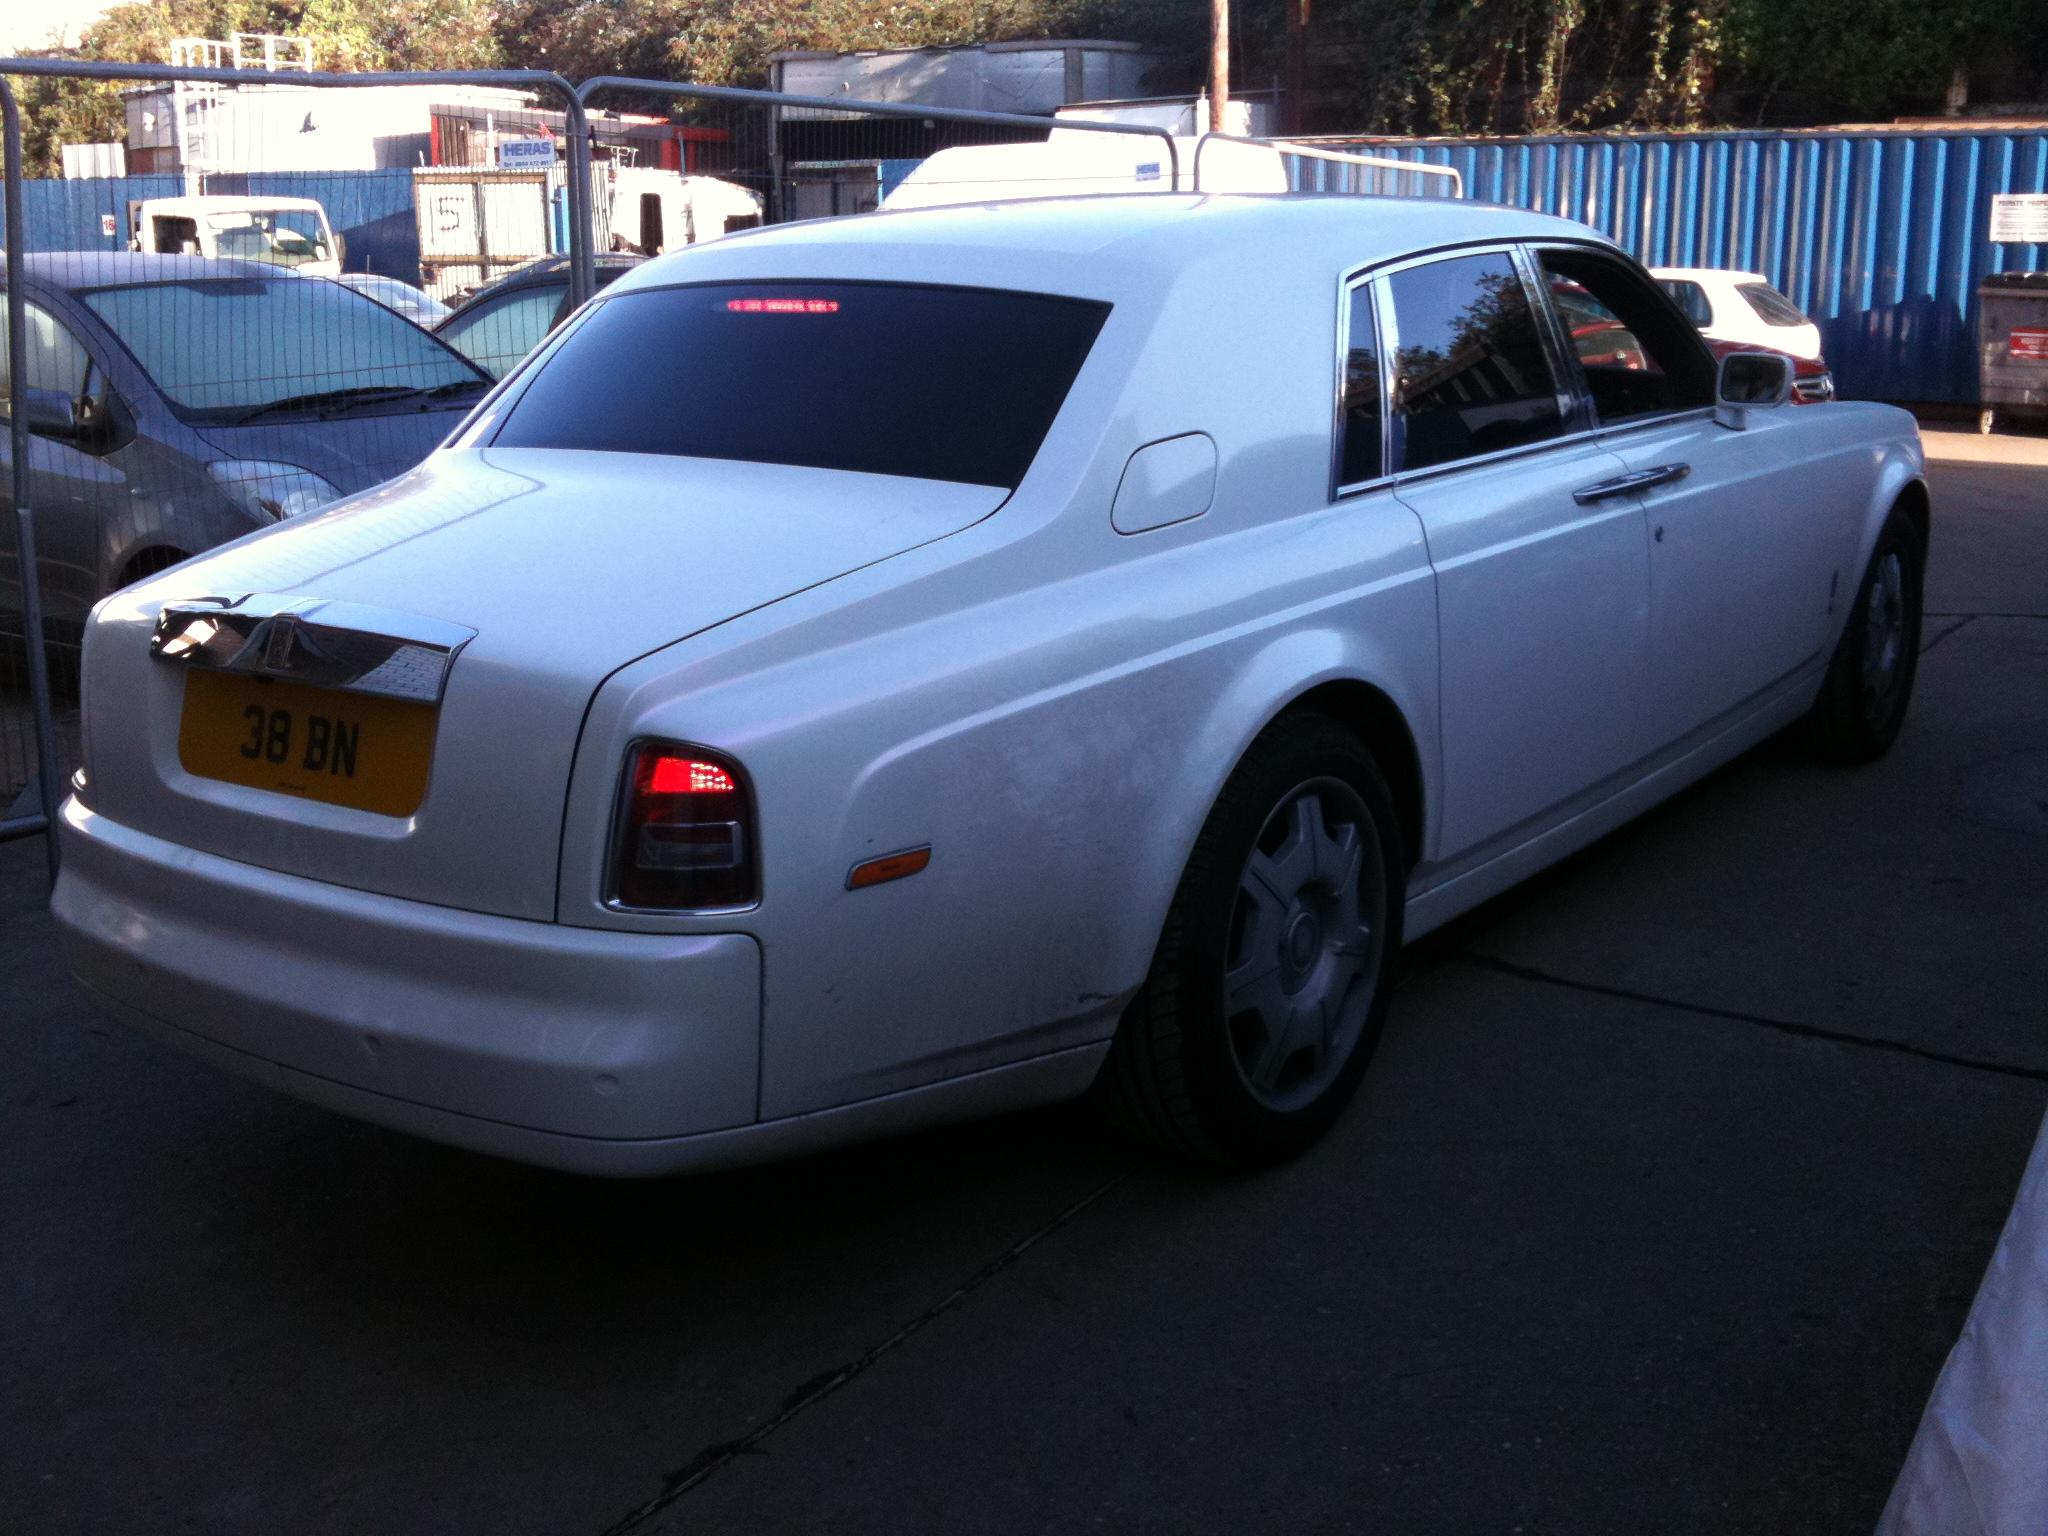 #whitecar #rollsroyce #pco #chauffuer #weddingcar